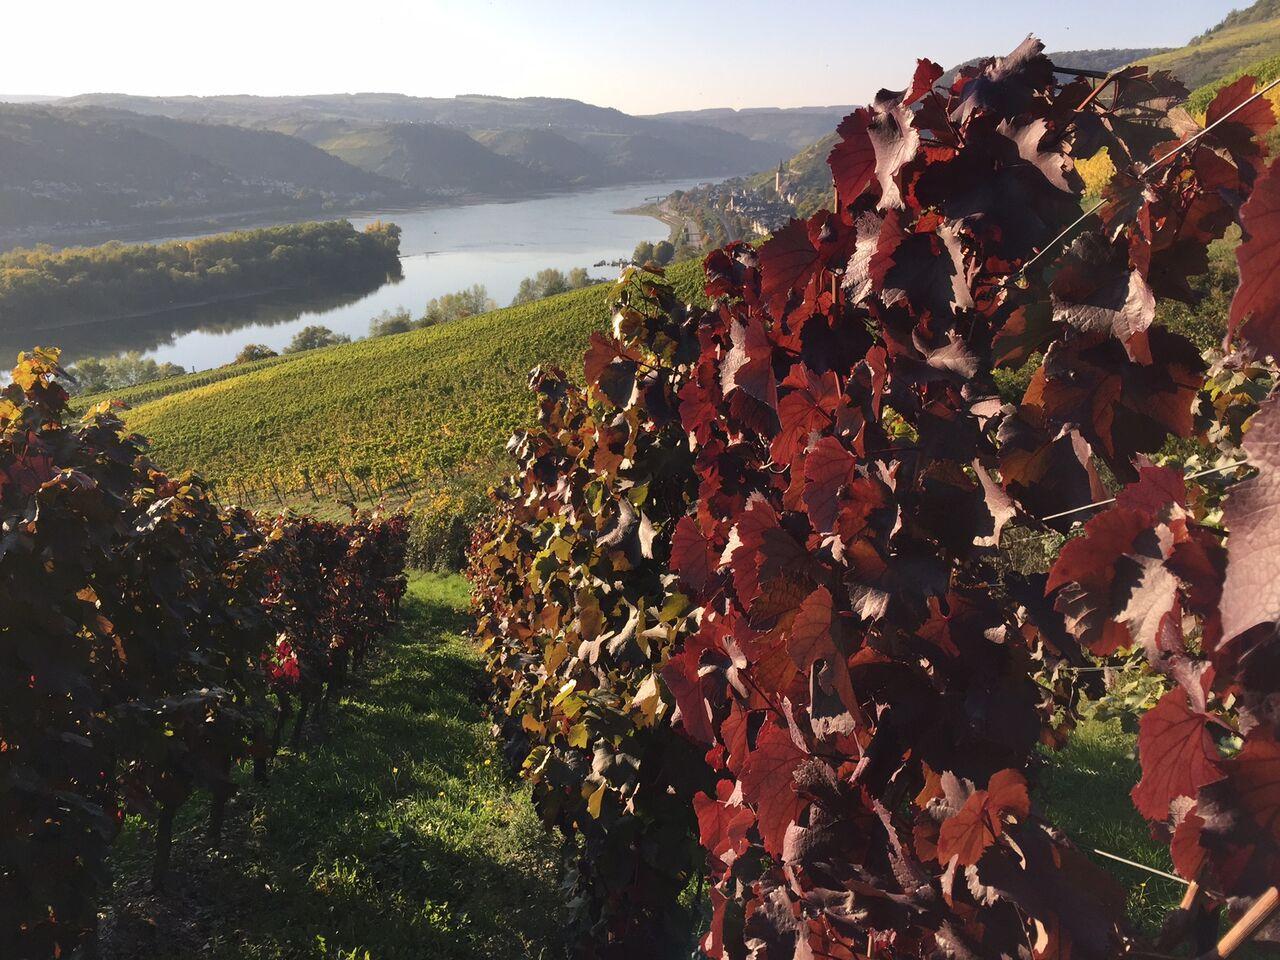 Blick auf die Weinberge in Lorch am Rhein (Bild: MMüsel)